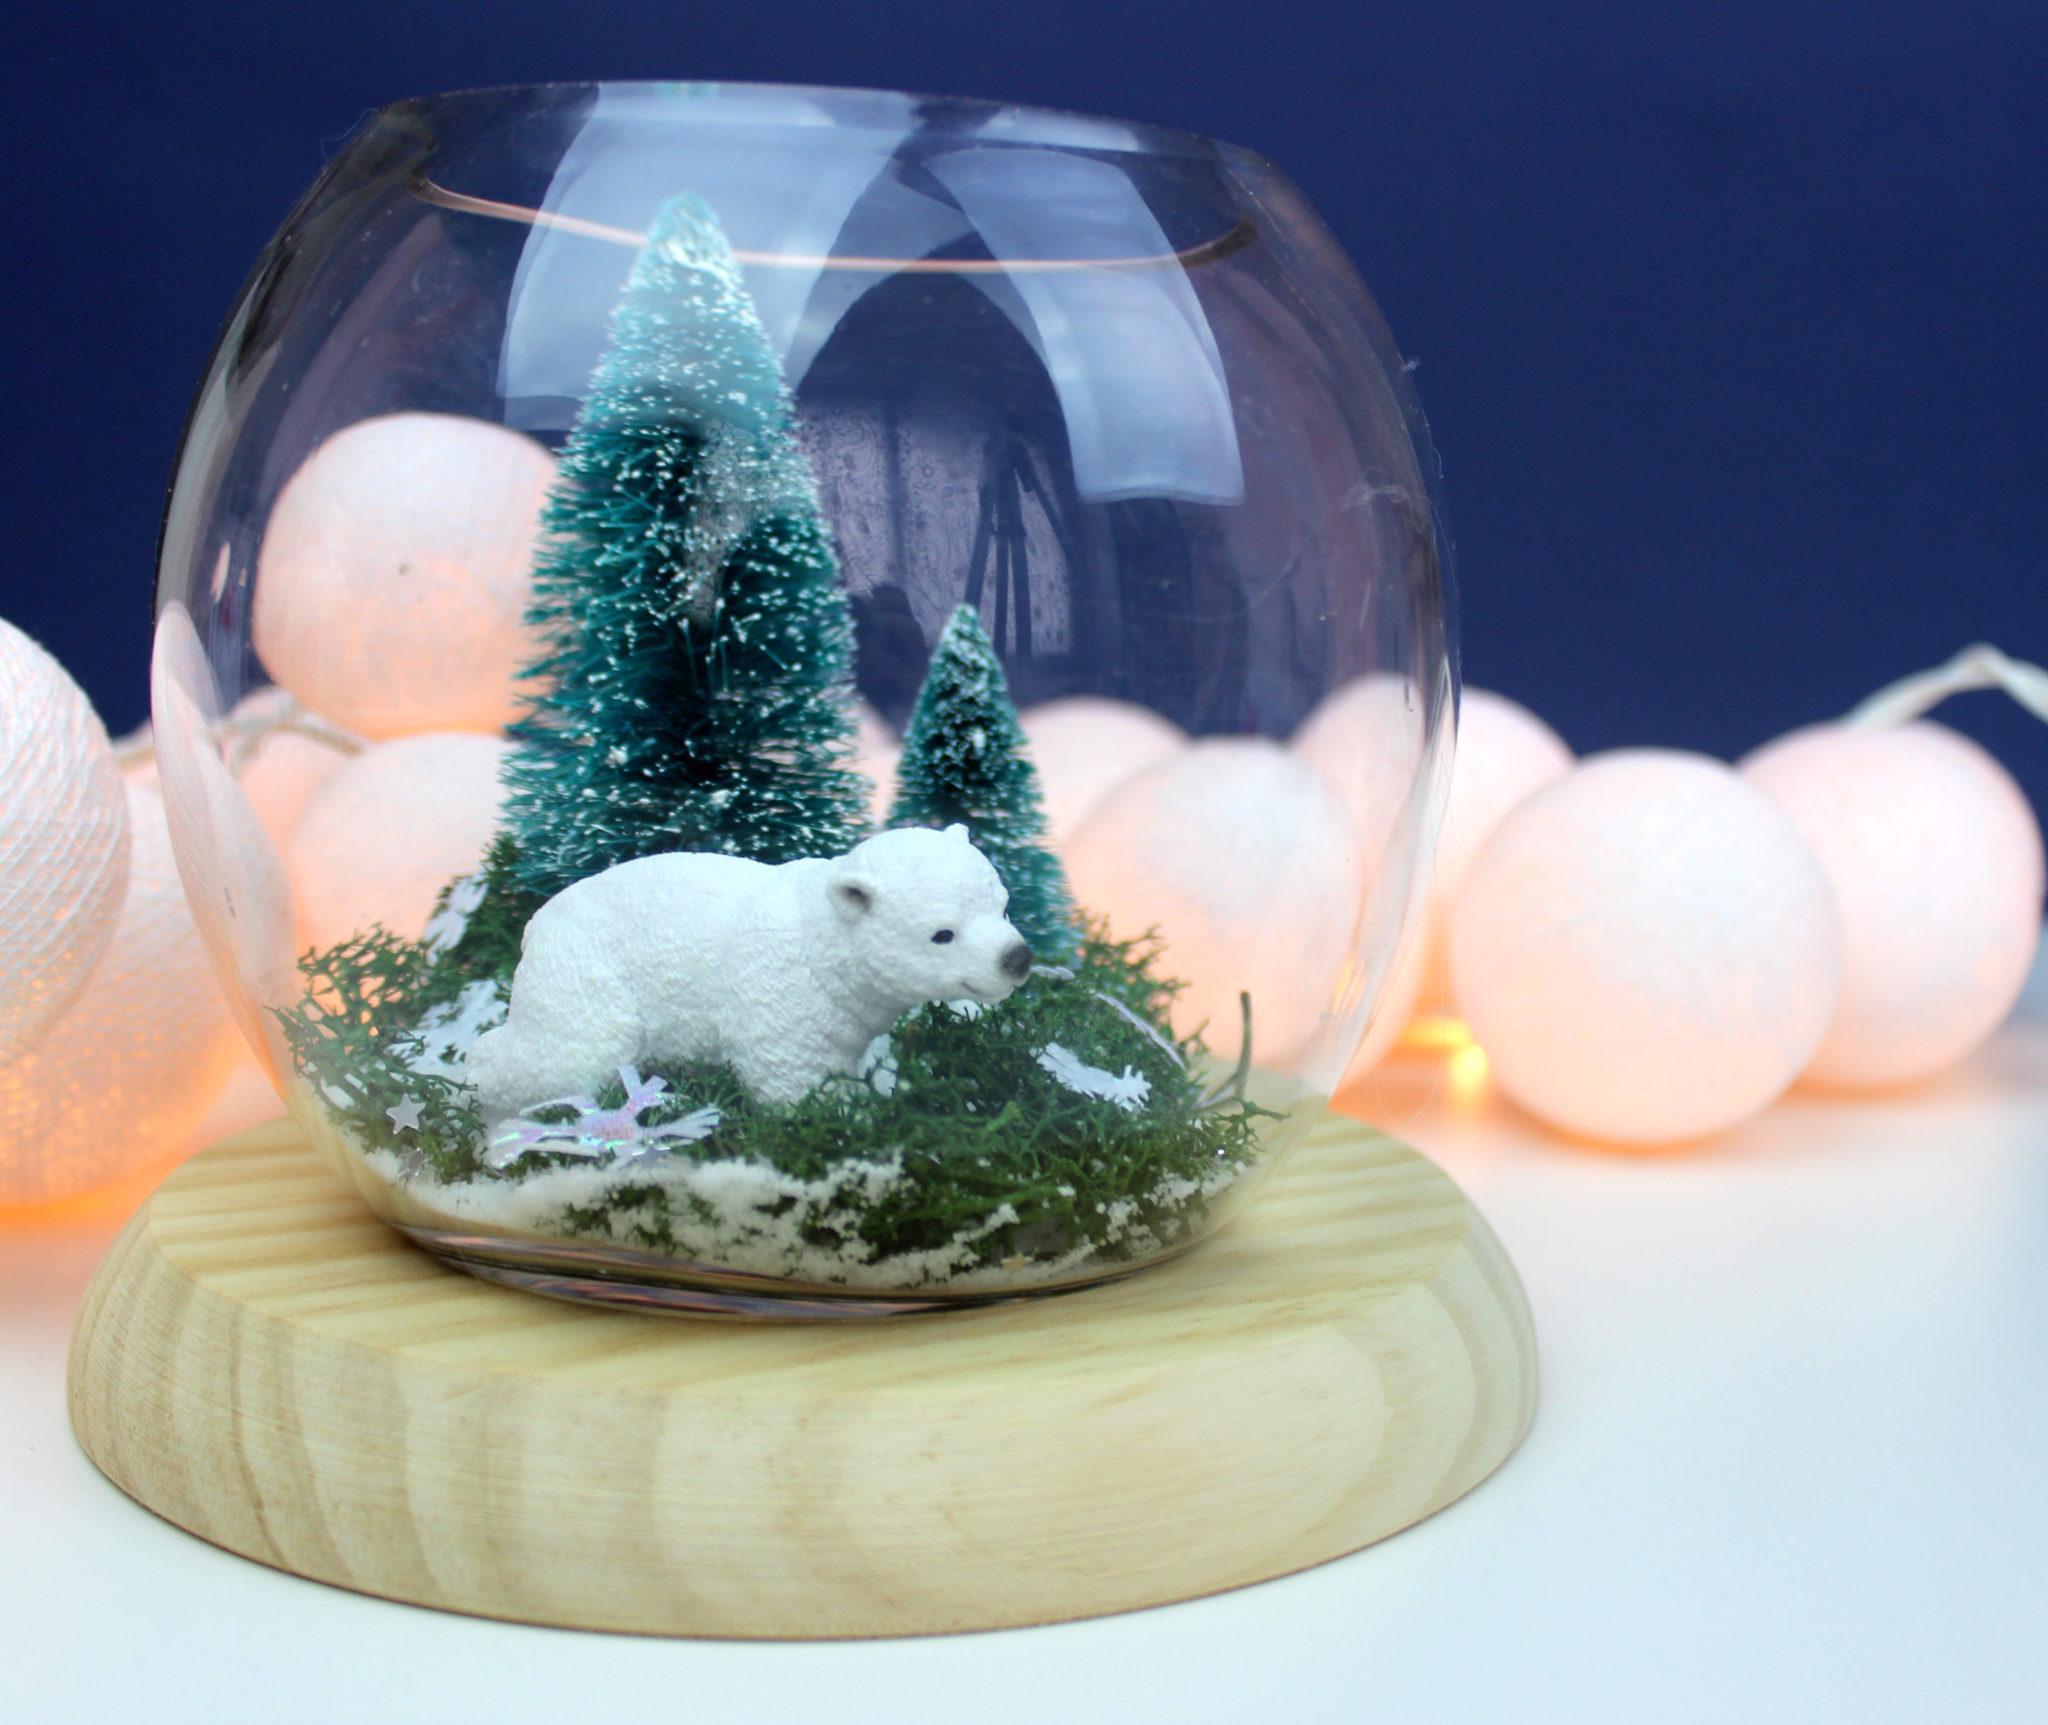 Centro de mesa de navidad de manualidades top 2019 uma - Como hacer centros navidenos ...